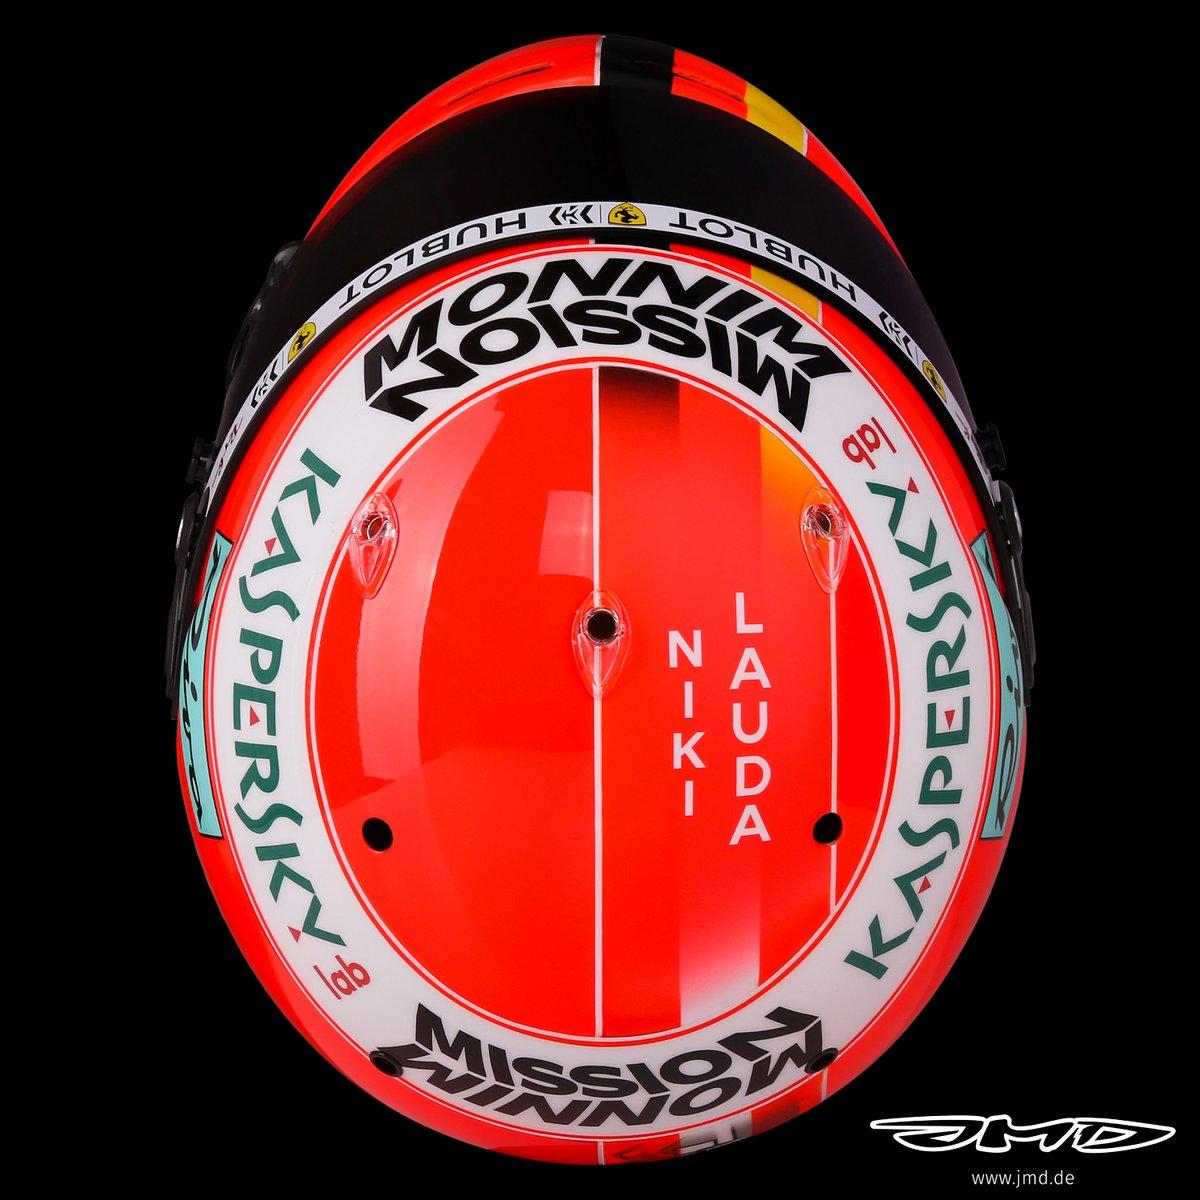 セバスチャン・ベッテル 2019年 F1モナコGP ヘルメット ニキ・ラウダ